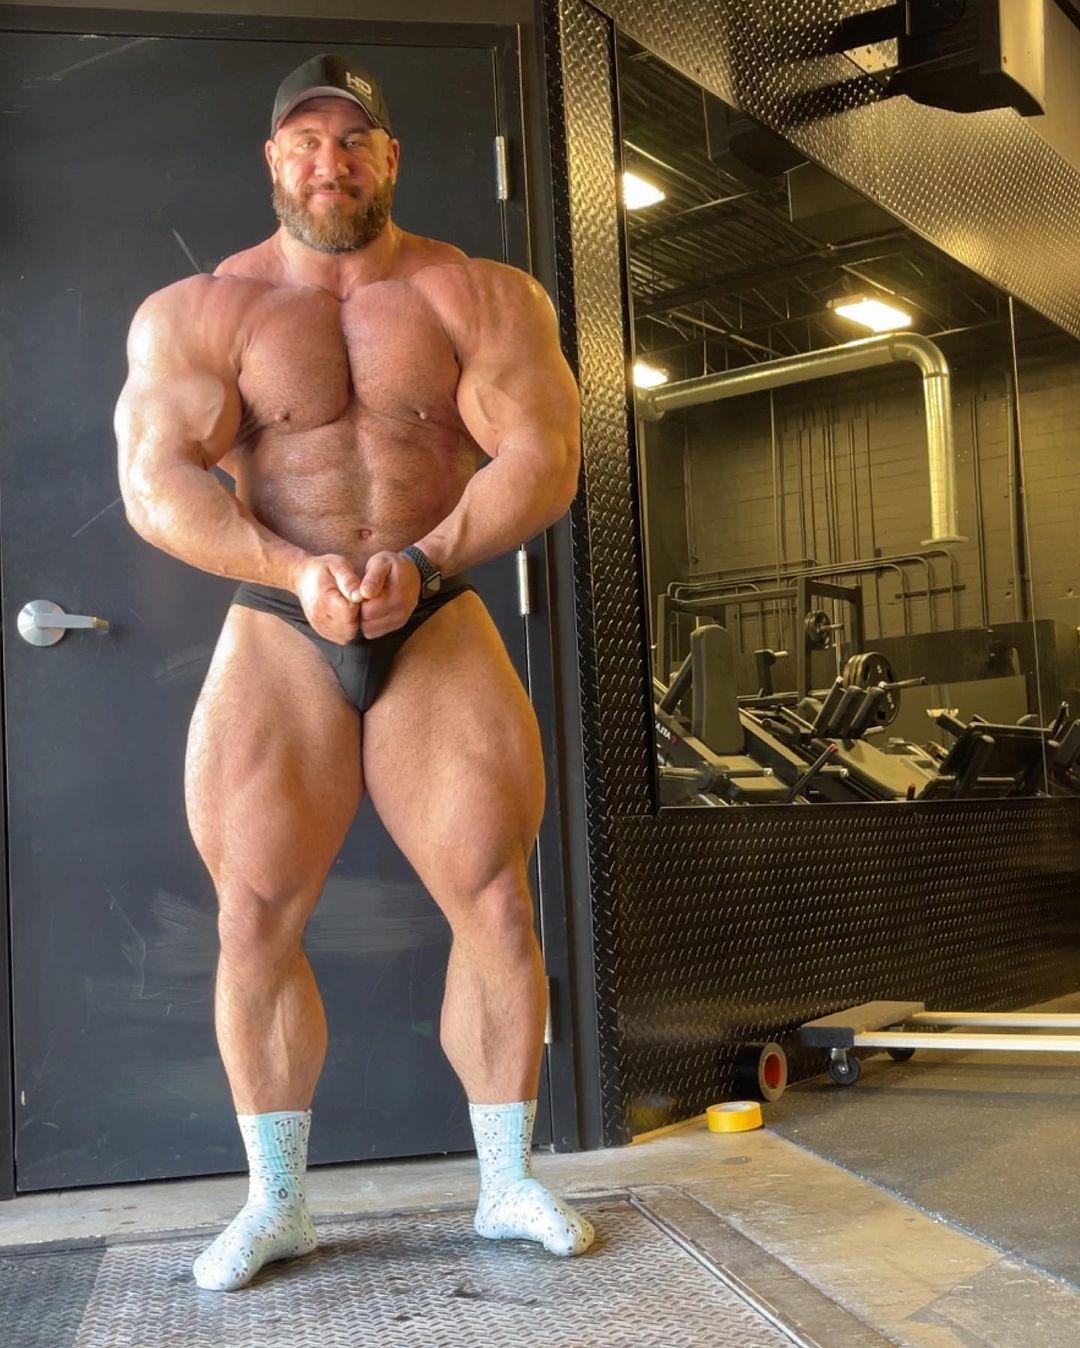 Antonie Vaillant pro ifbb di aprile 2021 a 140 kg posa del più muscoloso